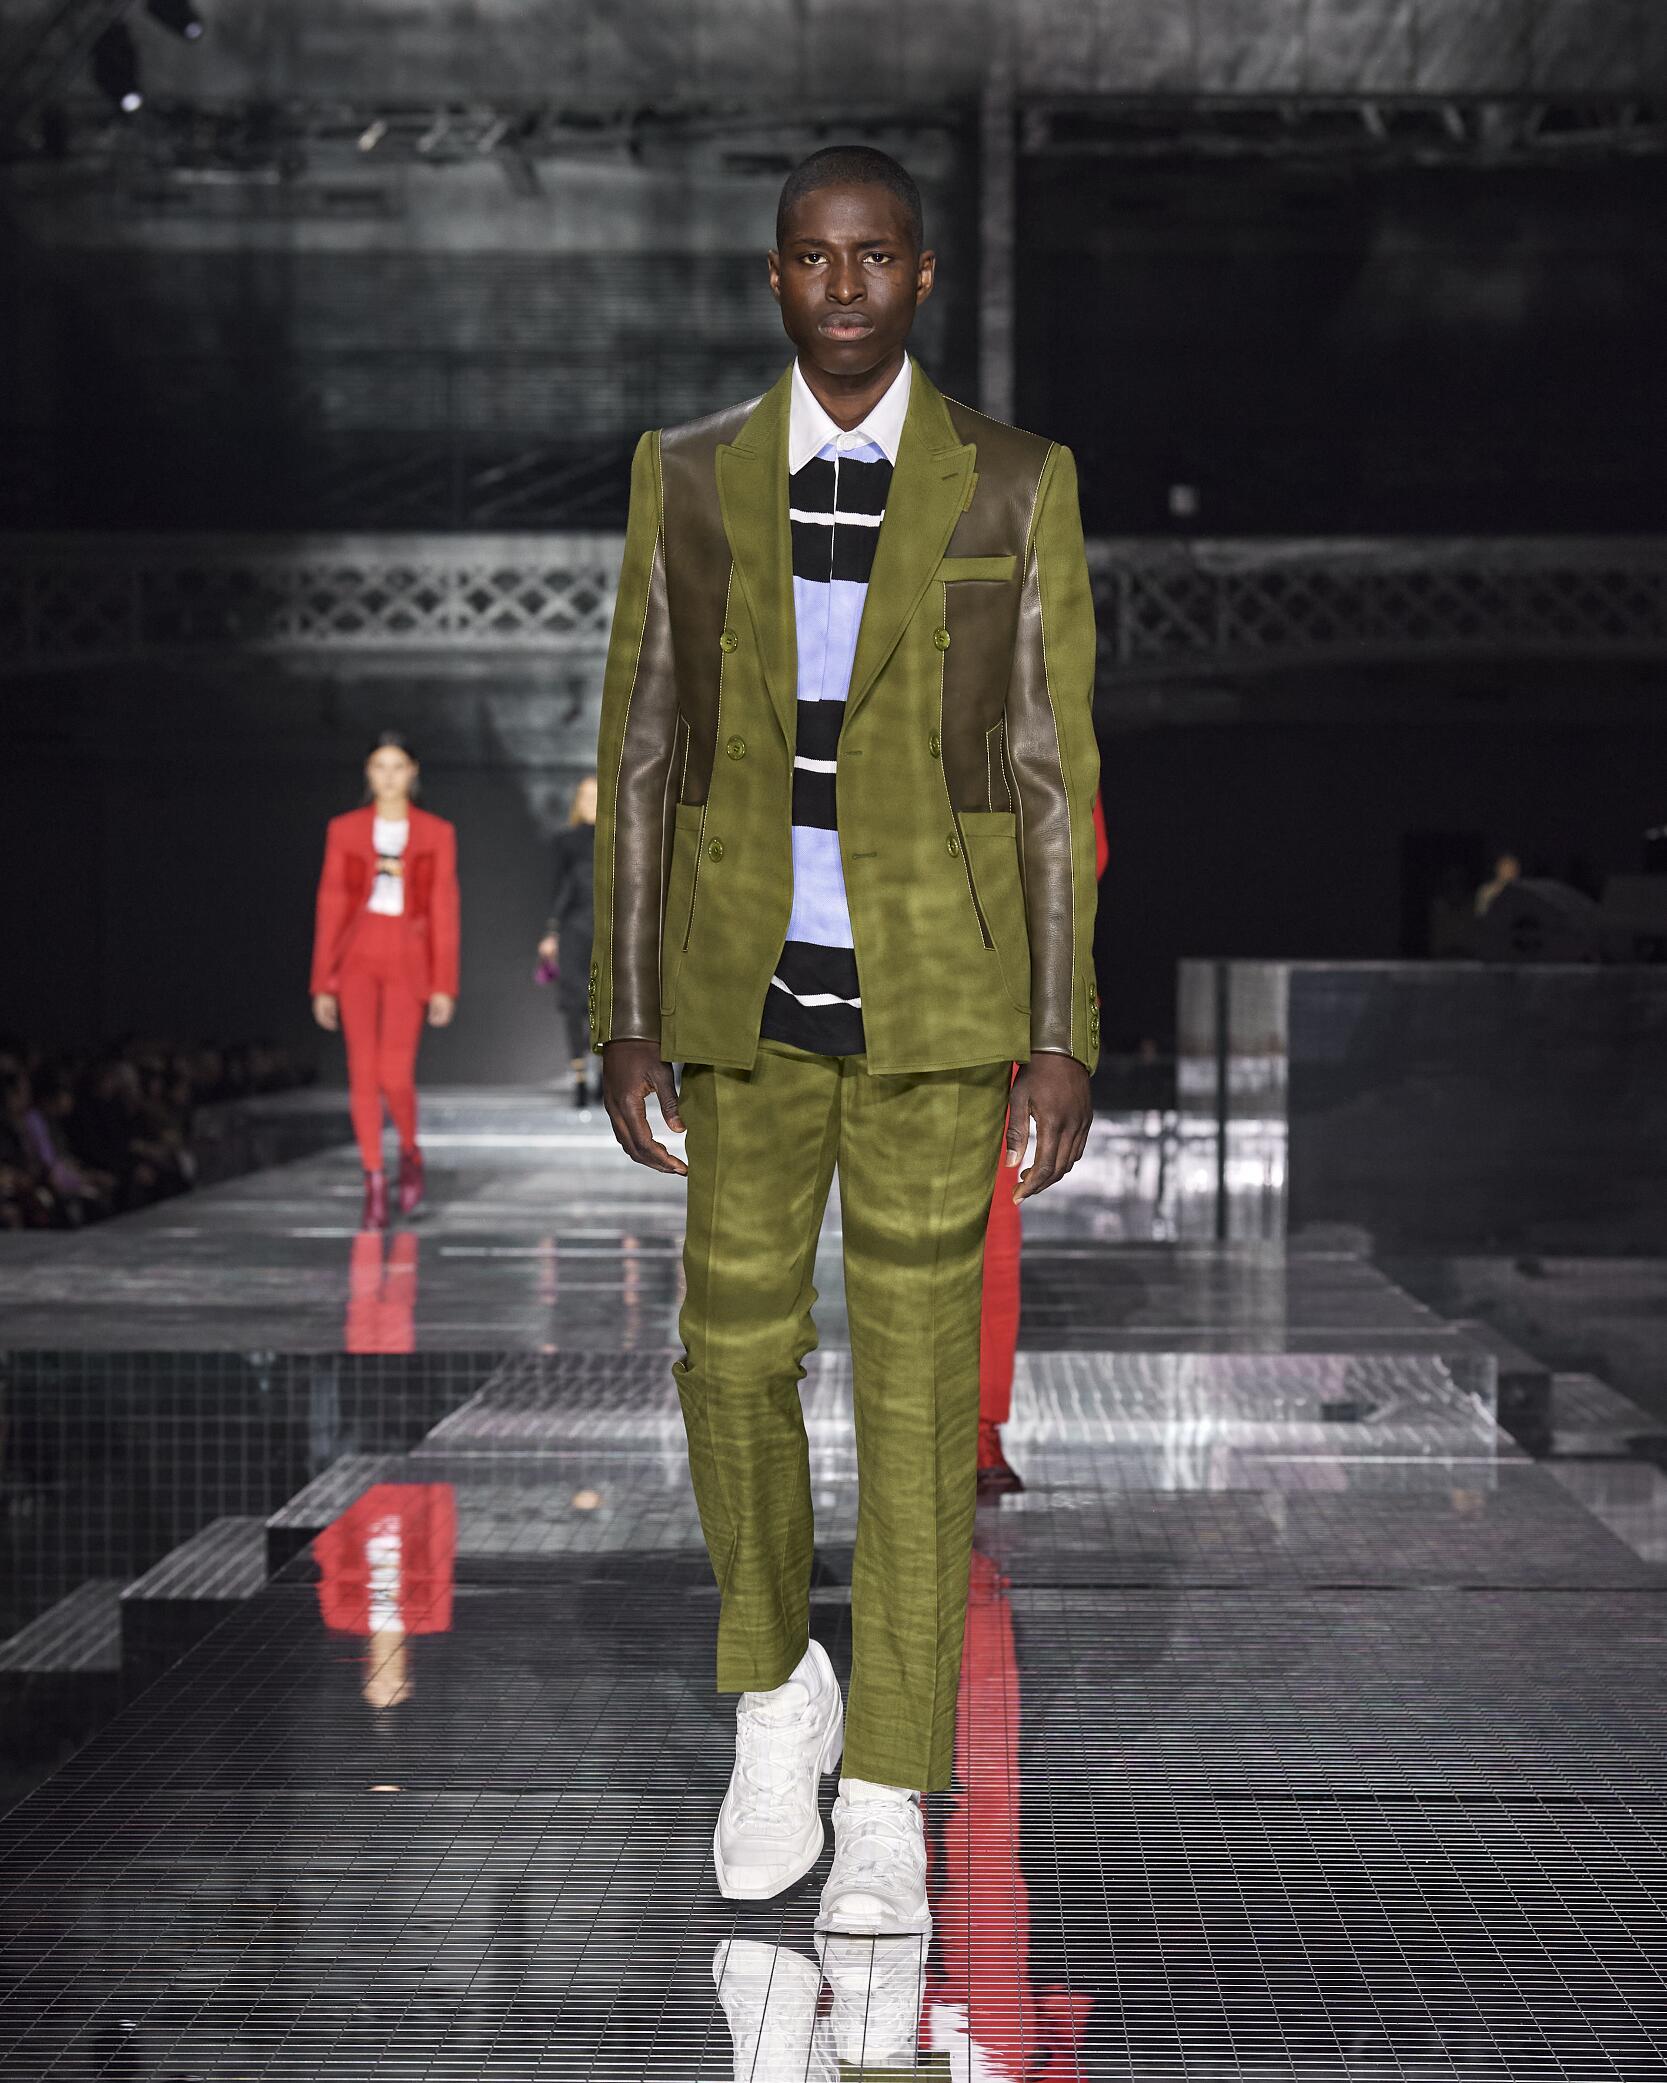 Burberry London Fashion Week Menswear Trends 2020